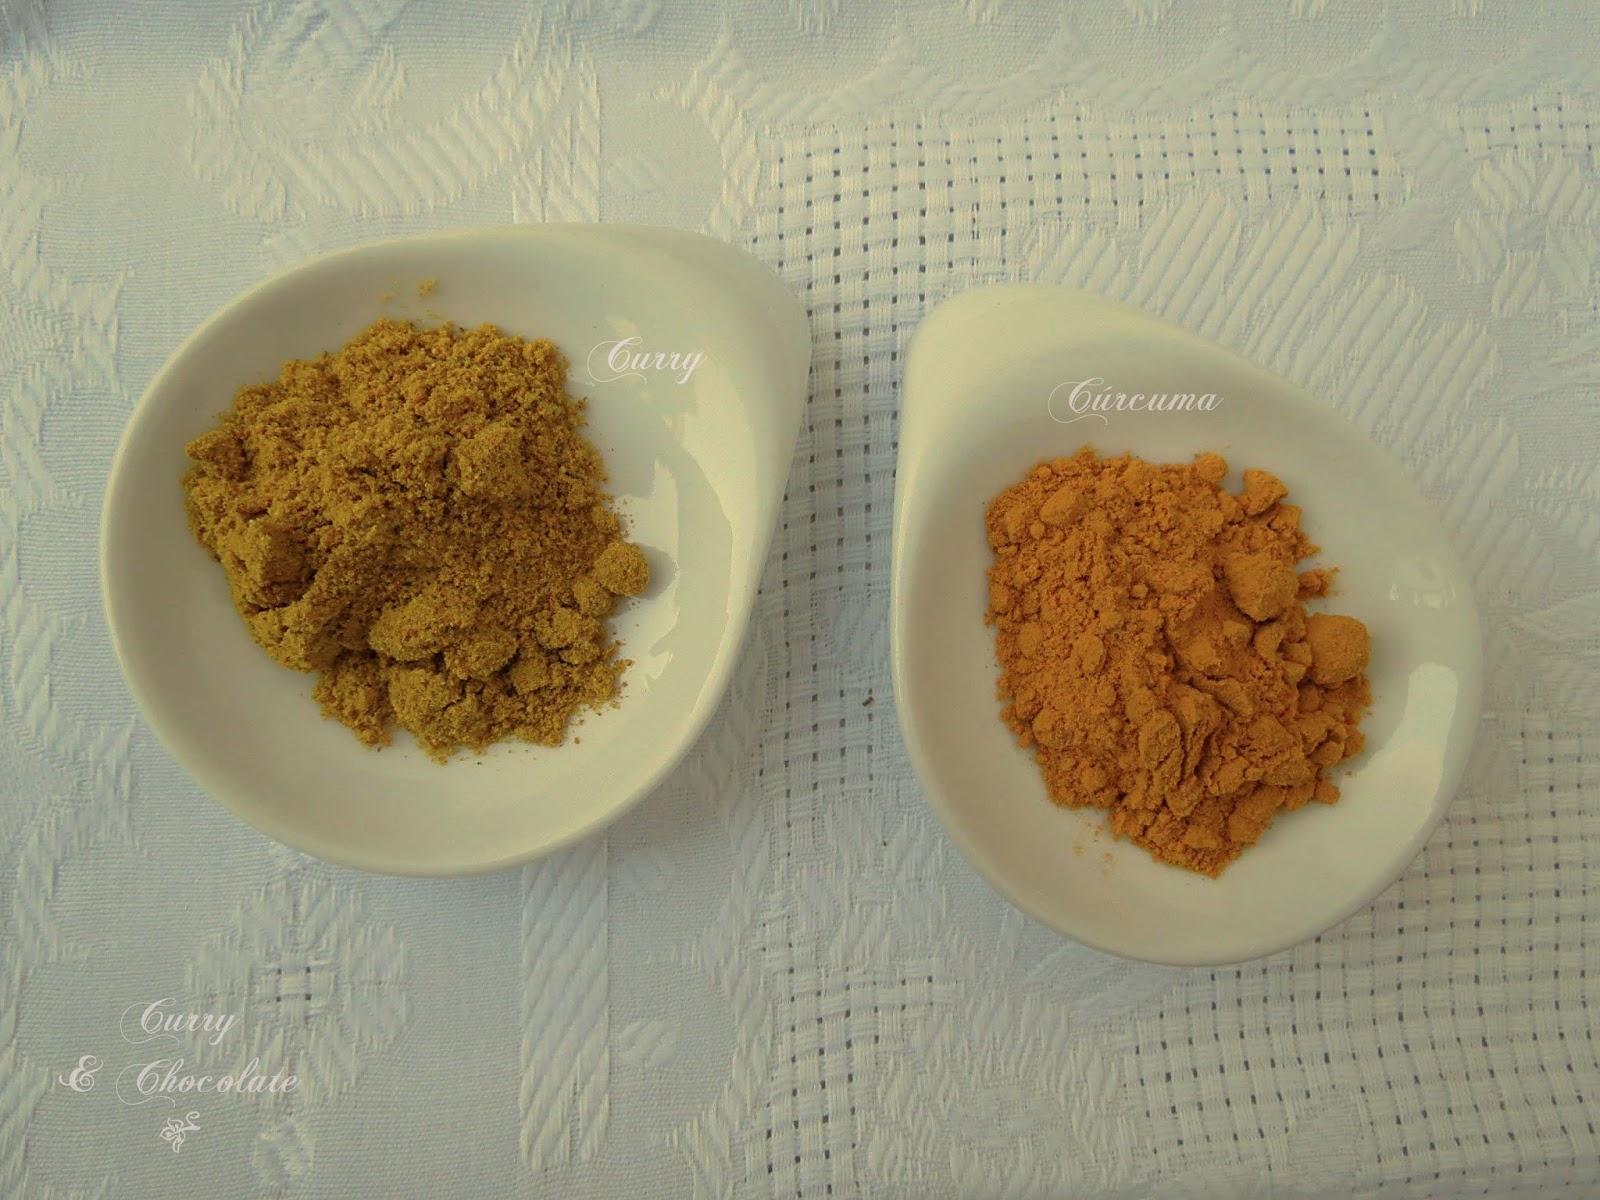 Curry y cúrcuma